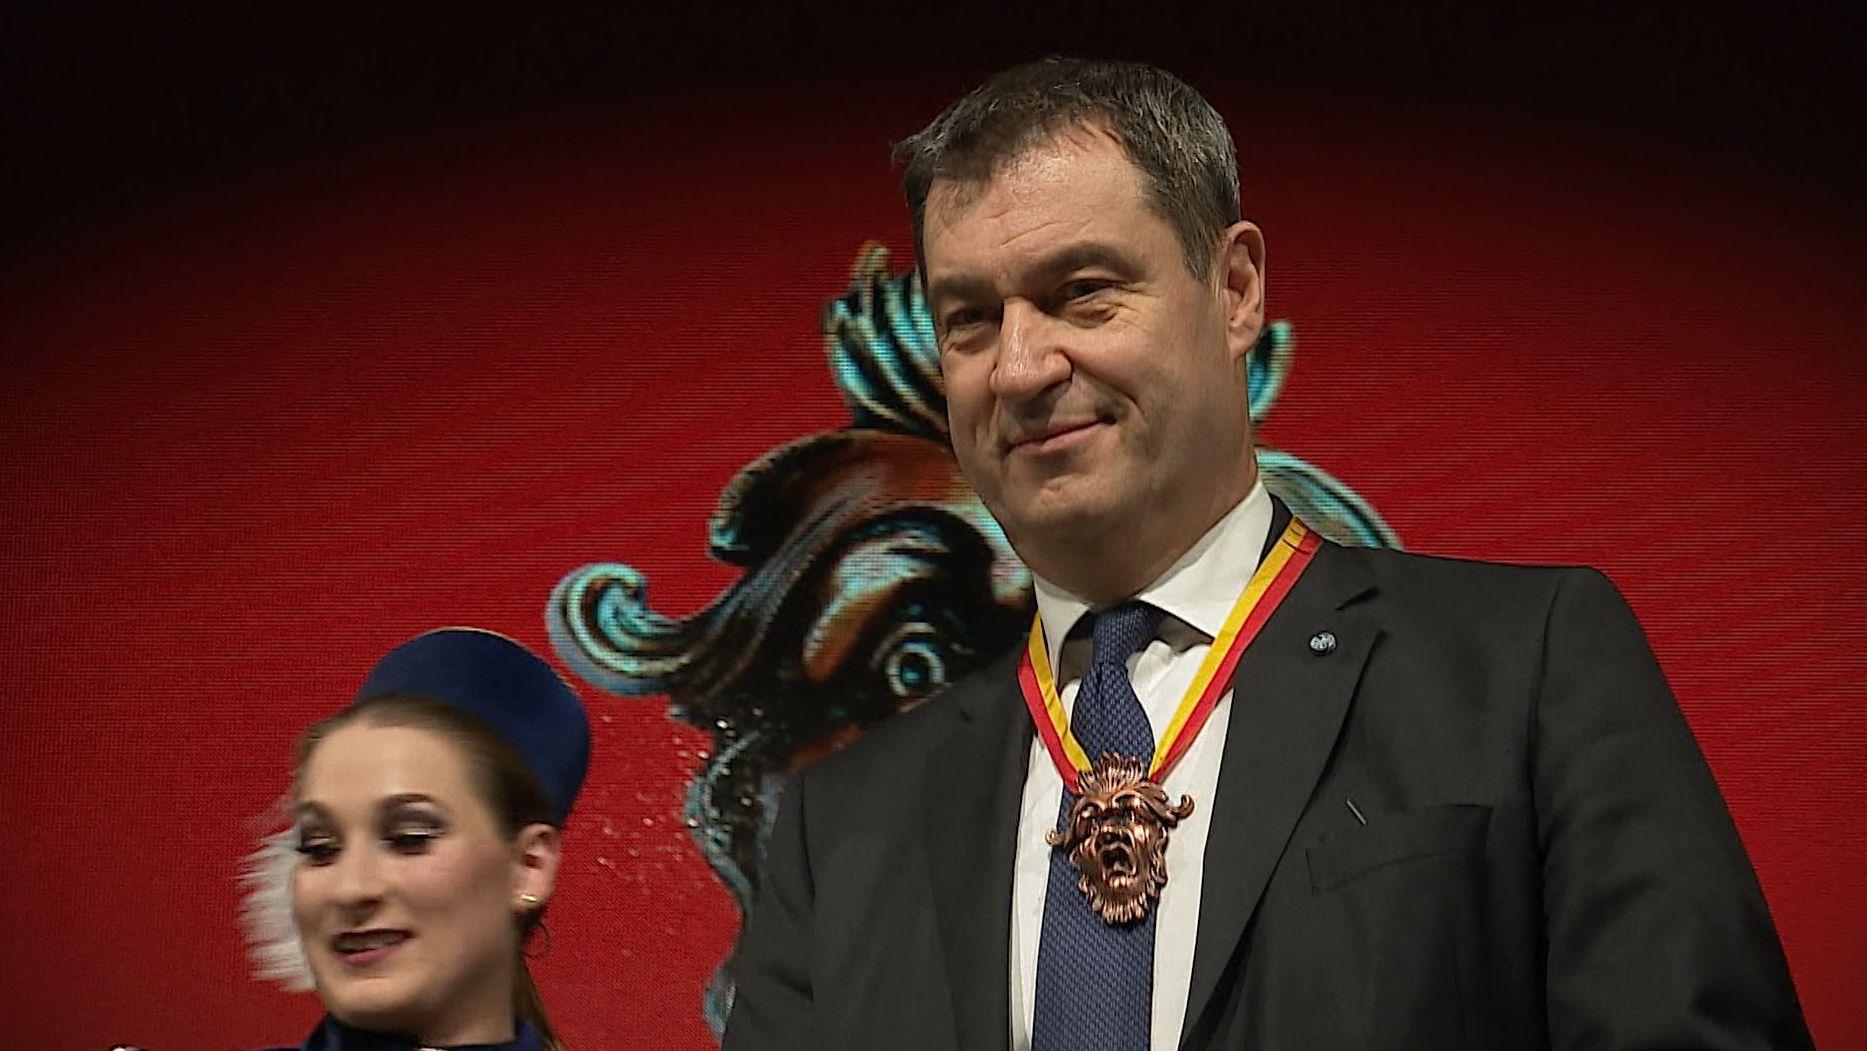 Ministerpräsident Markus Söder mit dem Schlappmaulorden